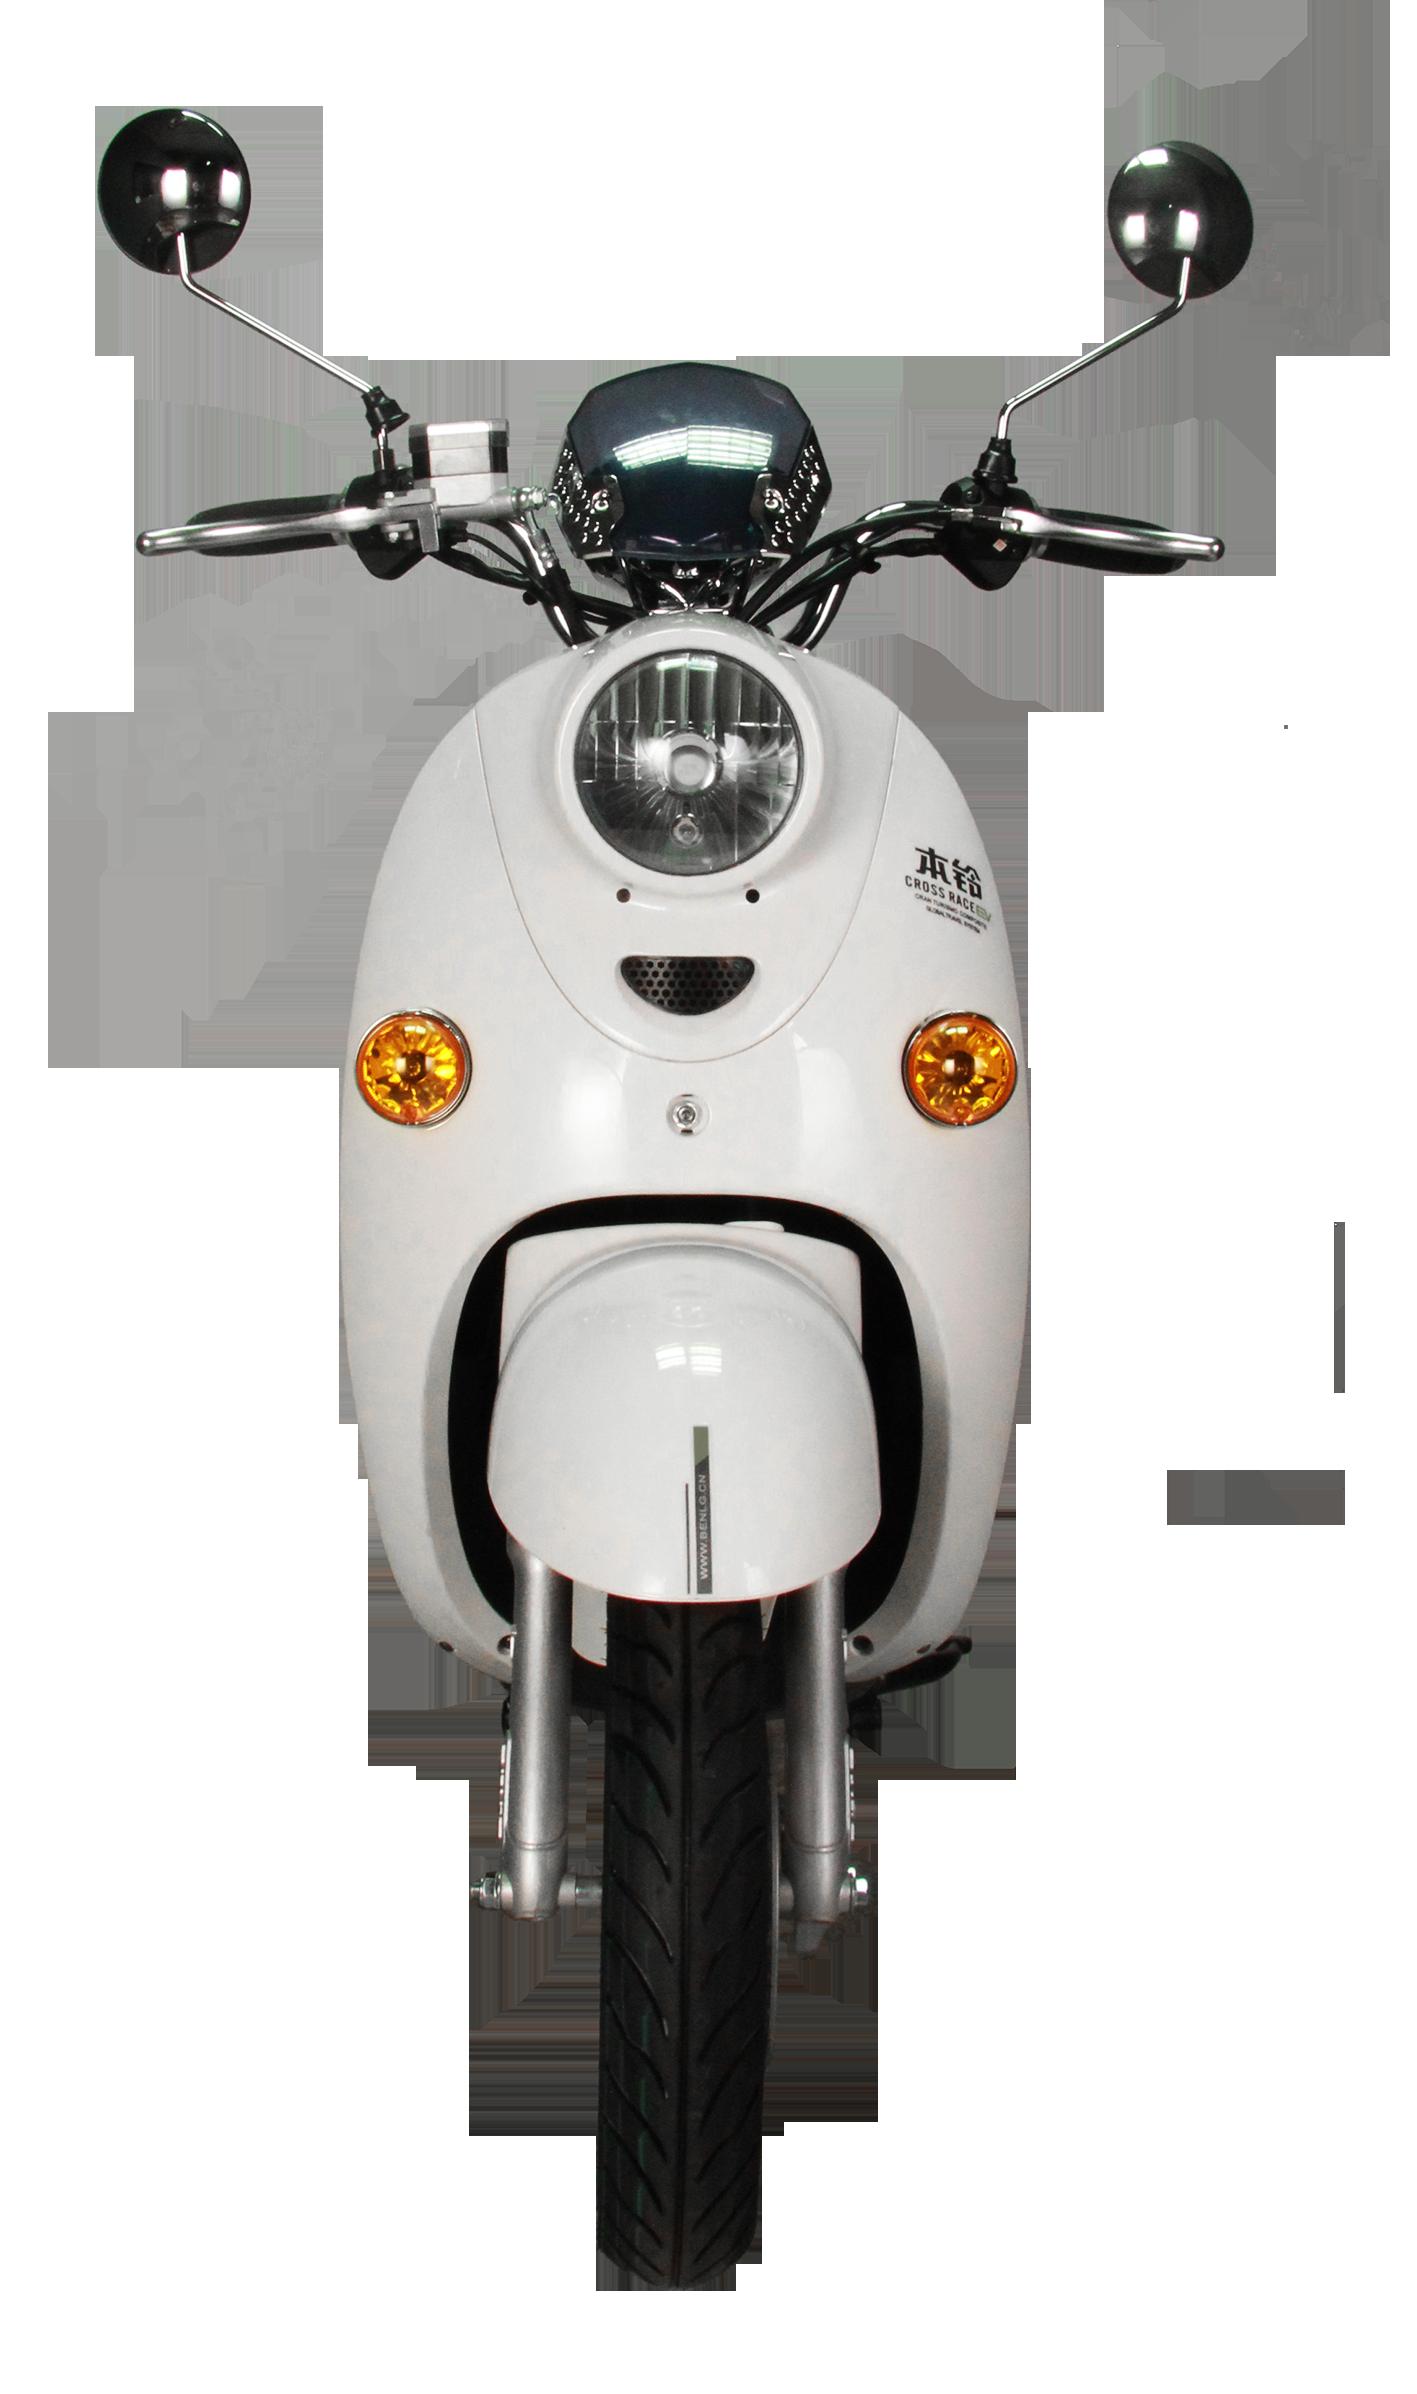 Acheter Scooter électrique à fonction inversée,Scooter électrique à fonction inversée Prix,Scooter électrique à fonction inversée Marques,Scooter électrique à fonction inversée Fabricant,Scooter électrique à fonction inversée Quotes,Scooter électrique à fonction inversée Société,